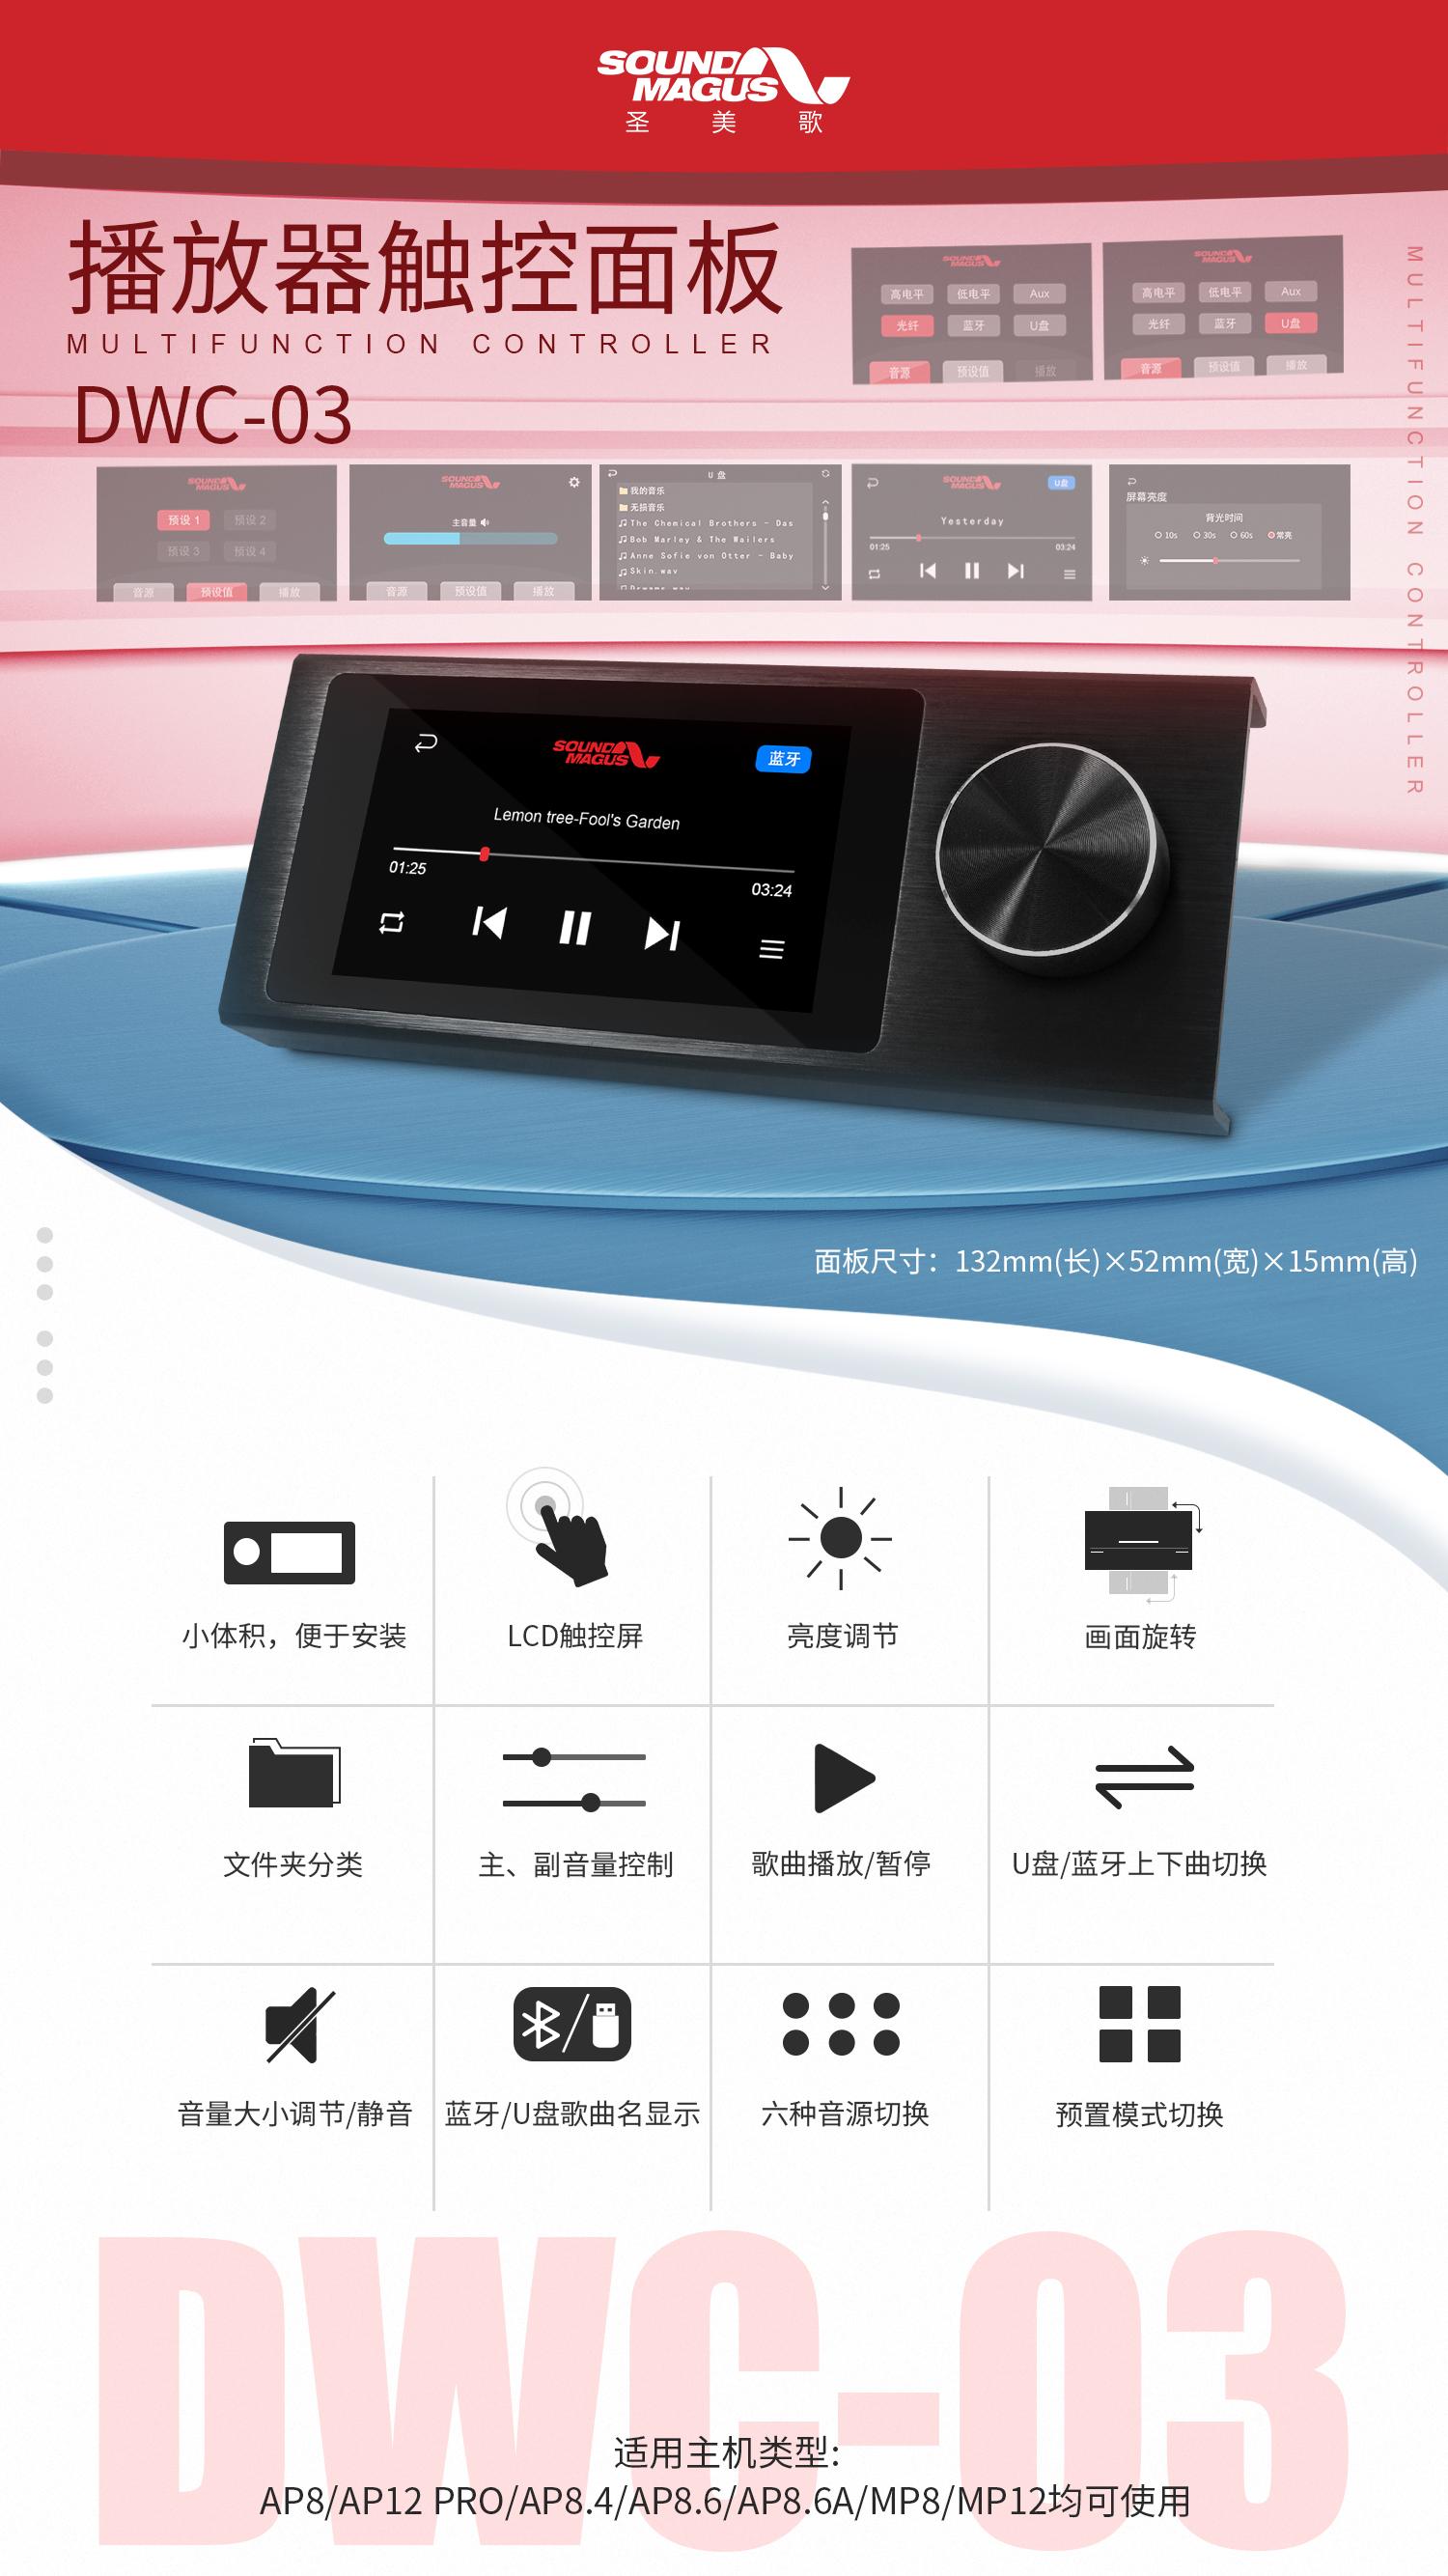 播放器触控面板DWC-03